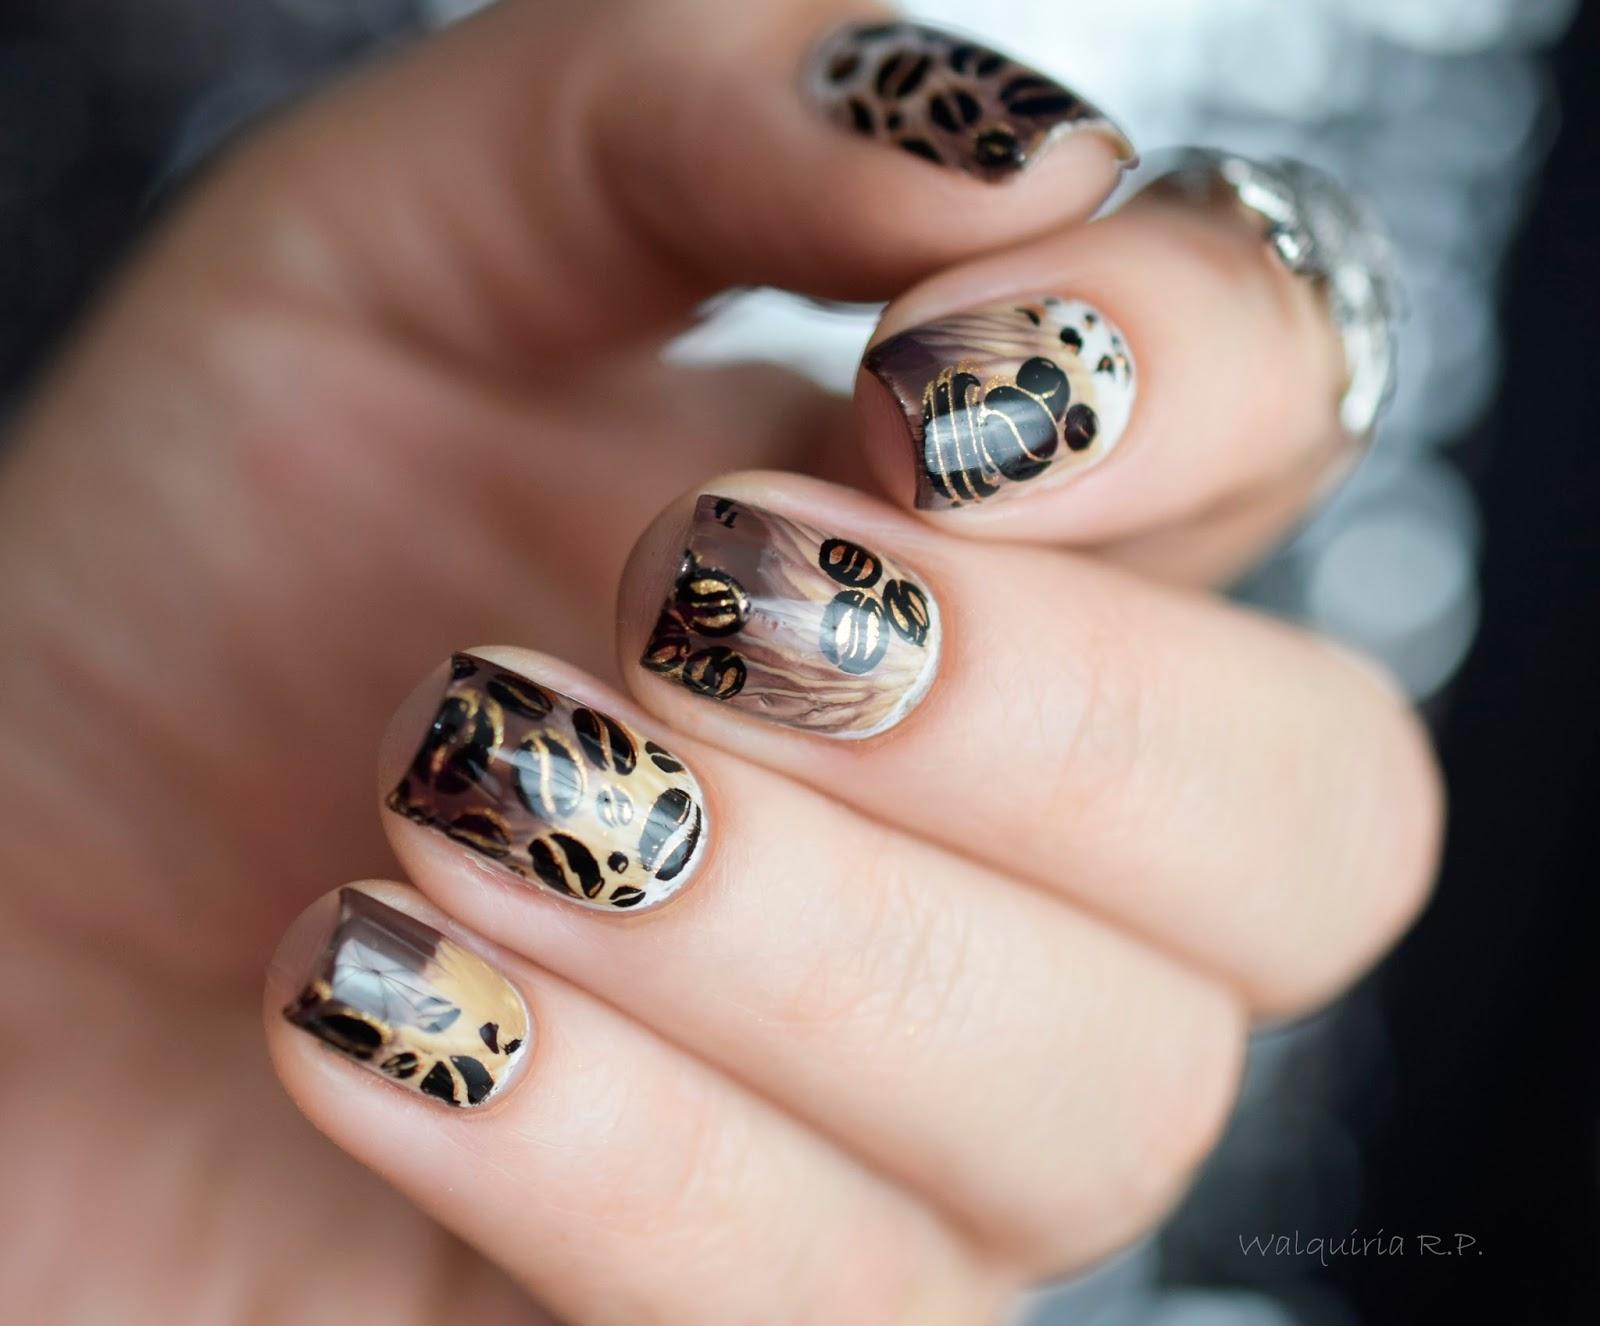 Walquiria r p coffee nails com decor unhas for Decor unhas